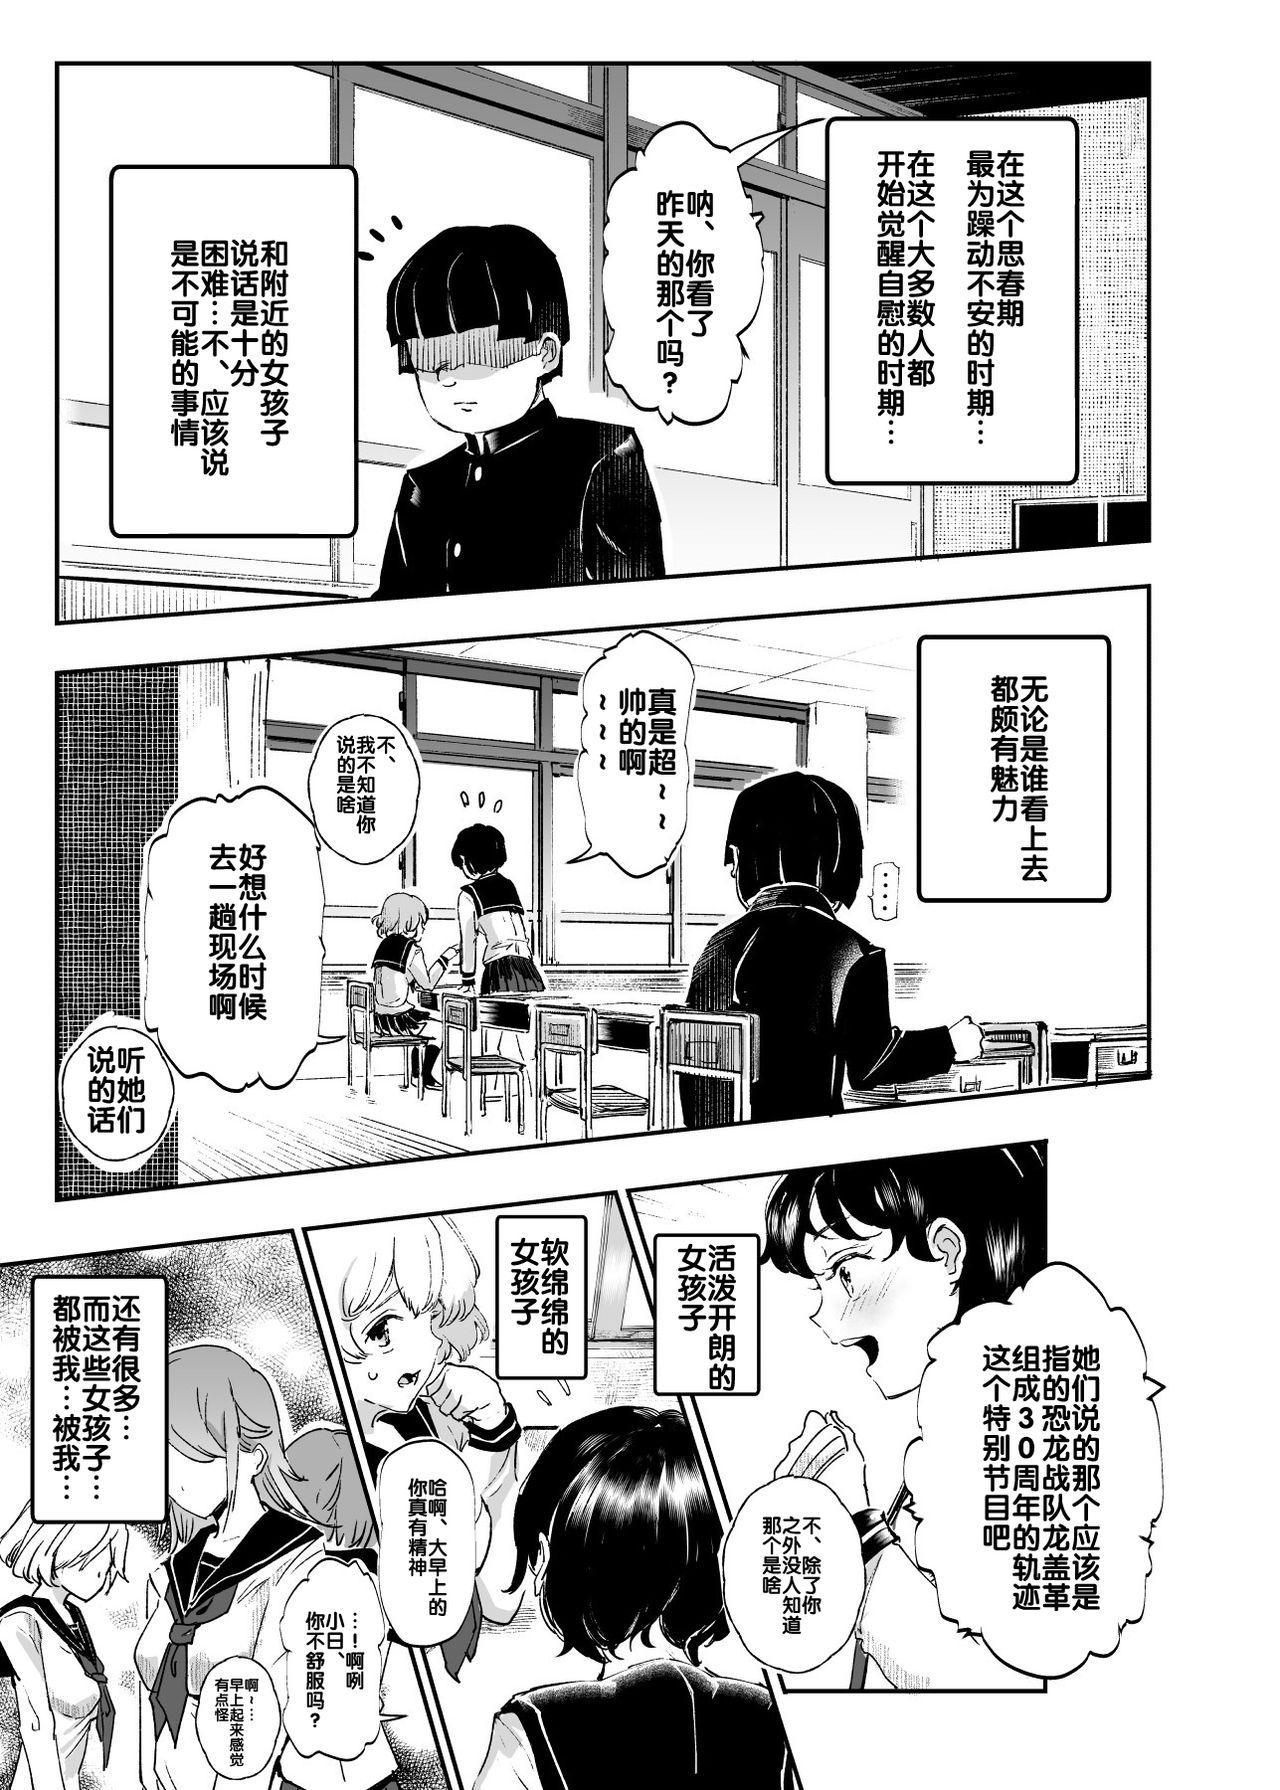 Suikan Houdai - Doukyuusei Joshi wa Boku no Nama Onaho 4